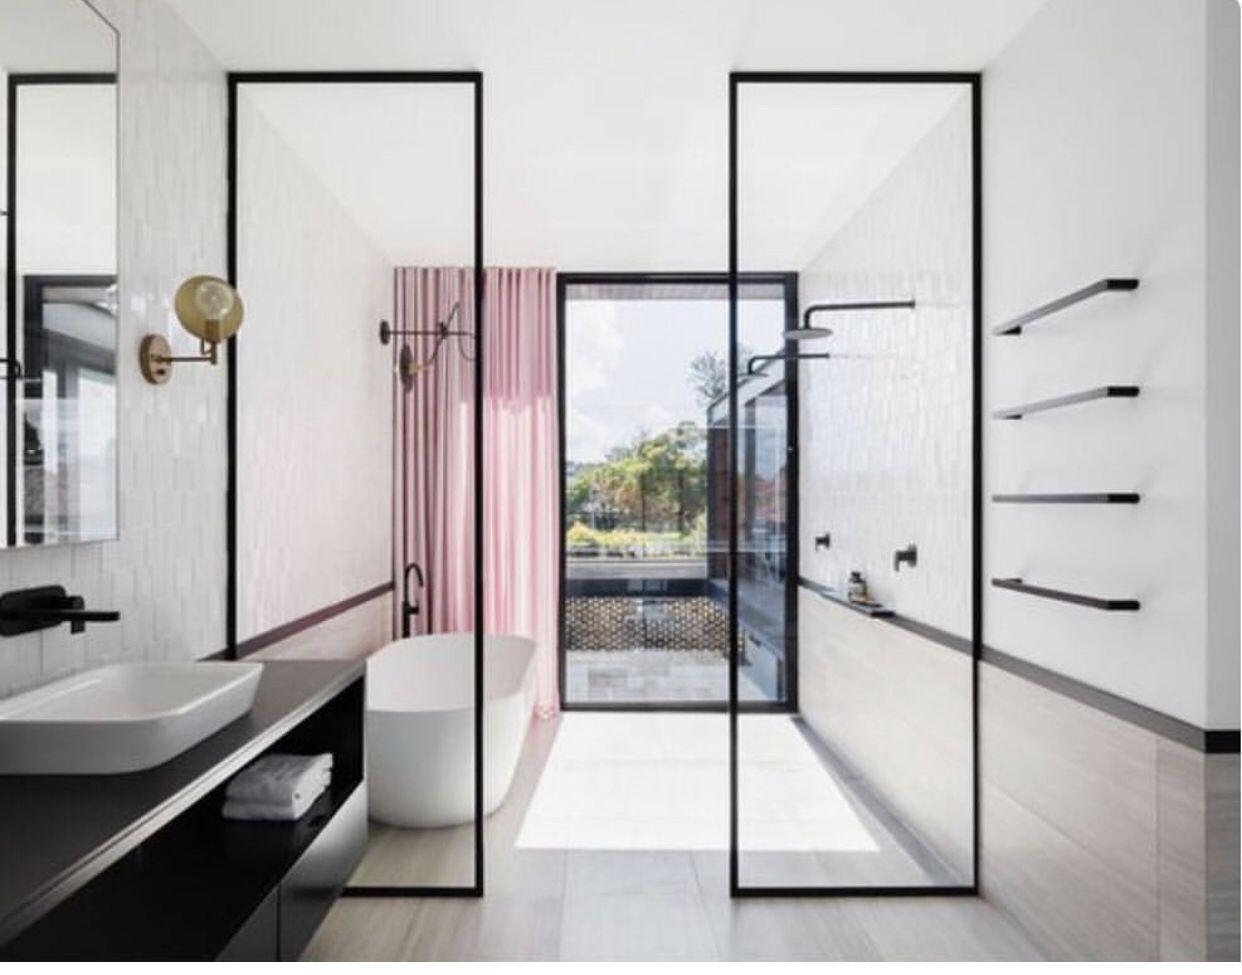 Pin de ElisabethSanuy em Baño | Inspiração para banheiro ...